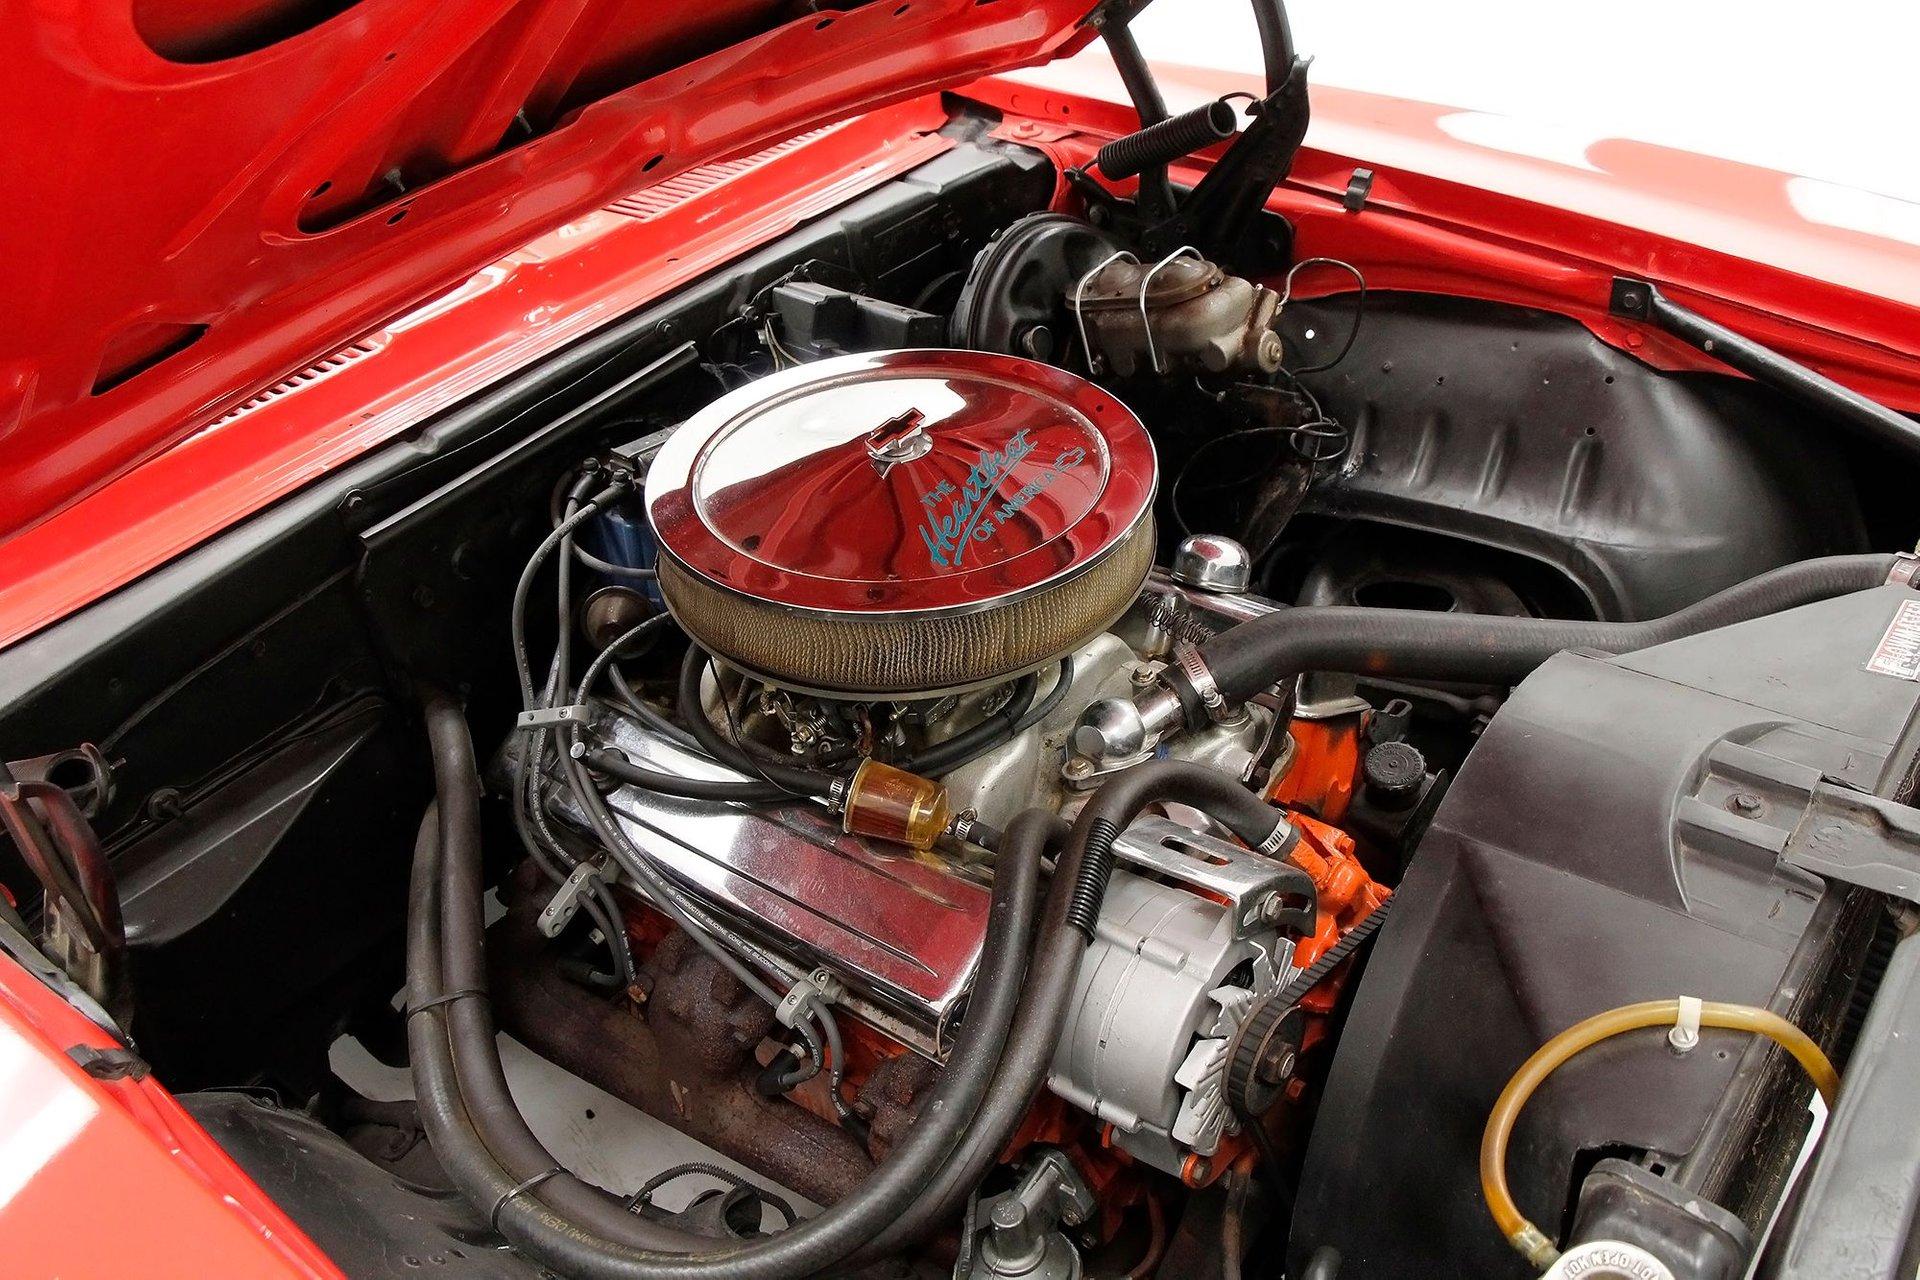 1969 Chevrolet Camaro Convertible for sale #130250 | MCG